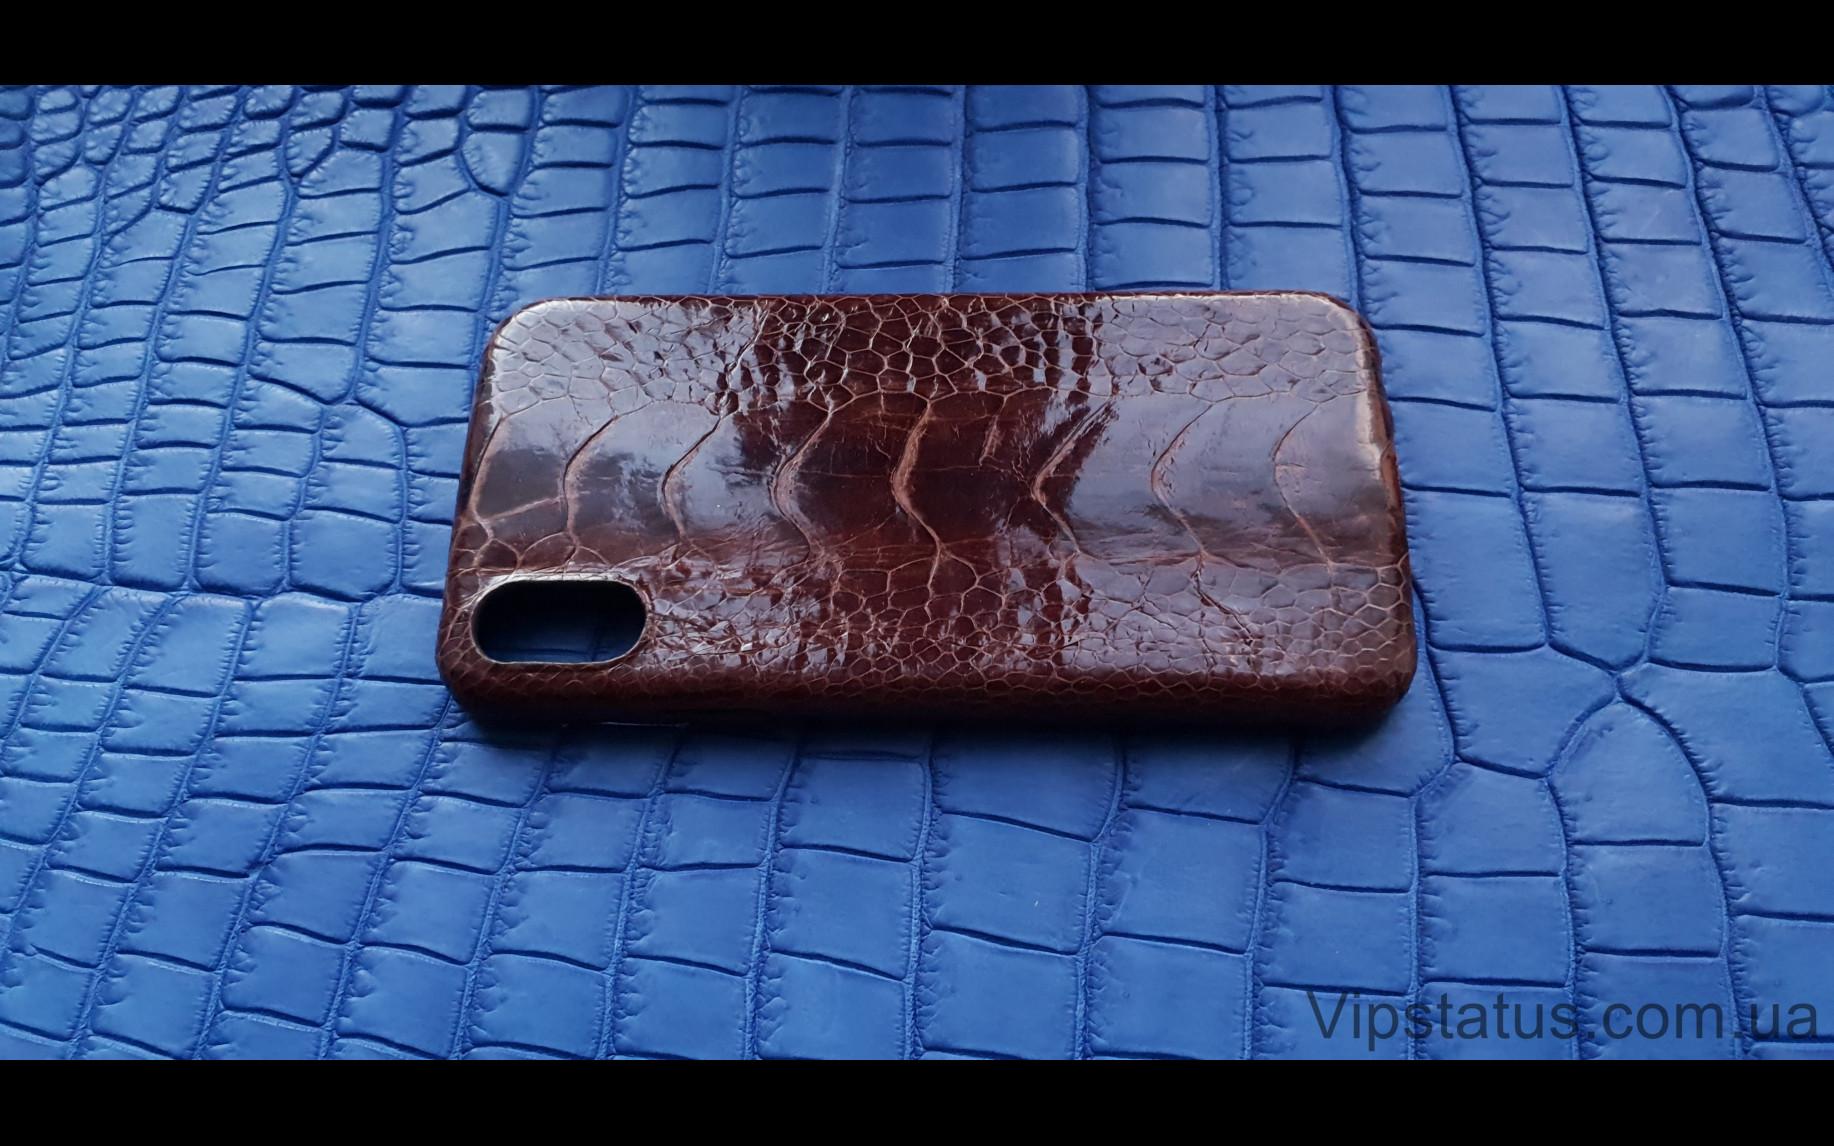 Элитный Brown Gloss Лакшери чехол IPhone X XS кожа страуса  Чехол Brown Gloss iPhone X XS из кожи страуса  изображение 3